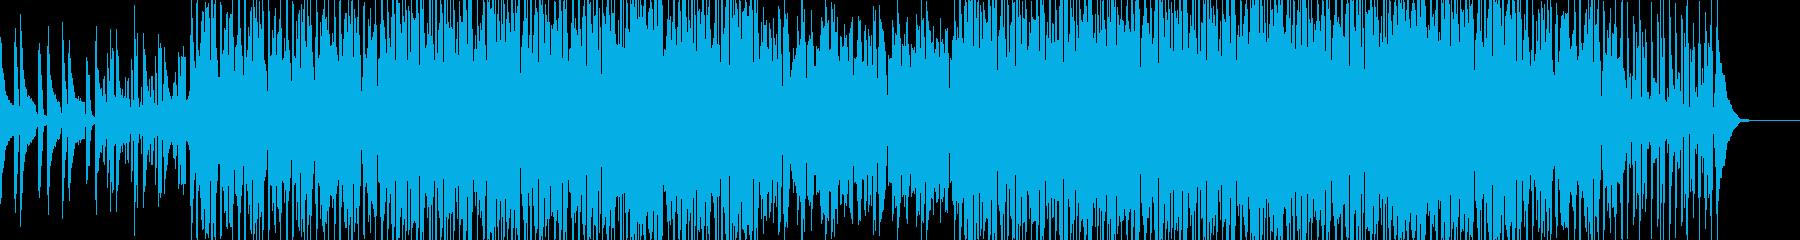 ファンク ディスコ ダンス ポジテ...の再生済みの波形